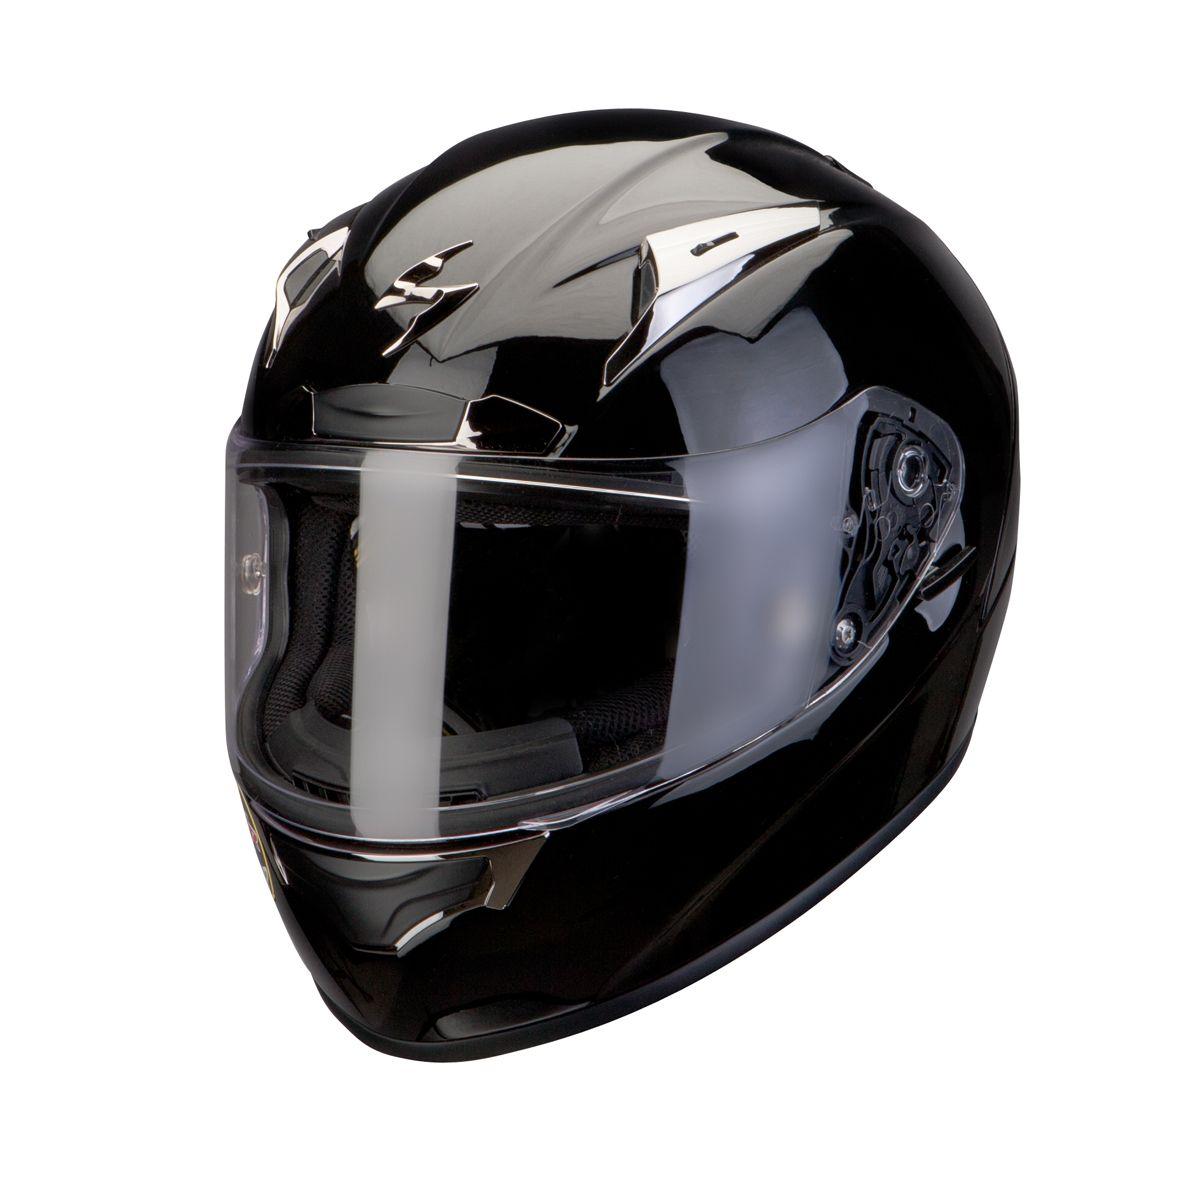 Casque intégral Scorpion EXO-2000 AIR Noir - 2XL